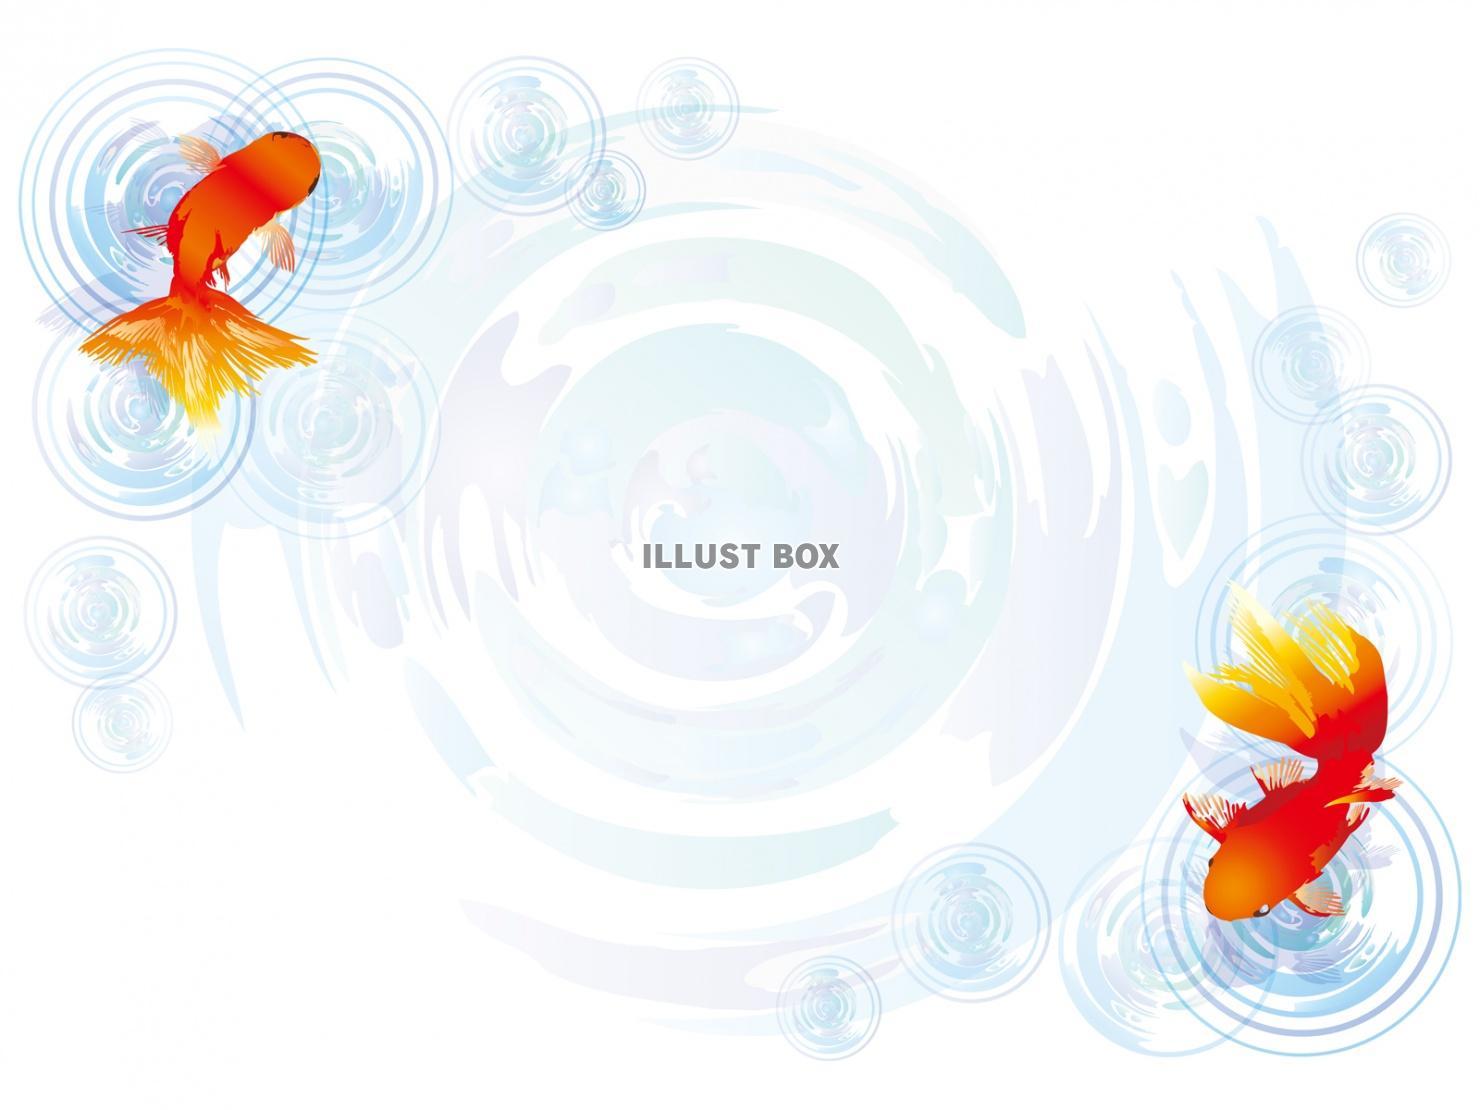 無料イラスト 金魚波紋背景素材水面イラスト夏水彩壁紙素材シンプル和風手書き